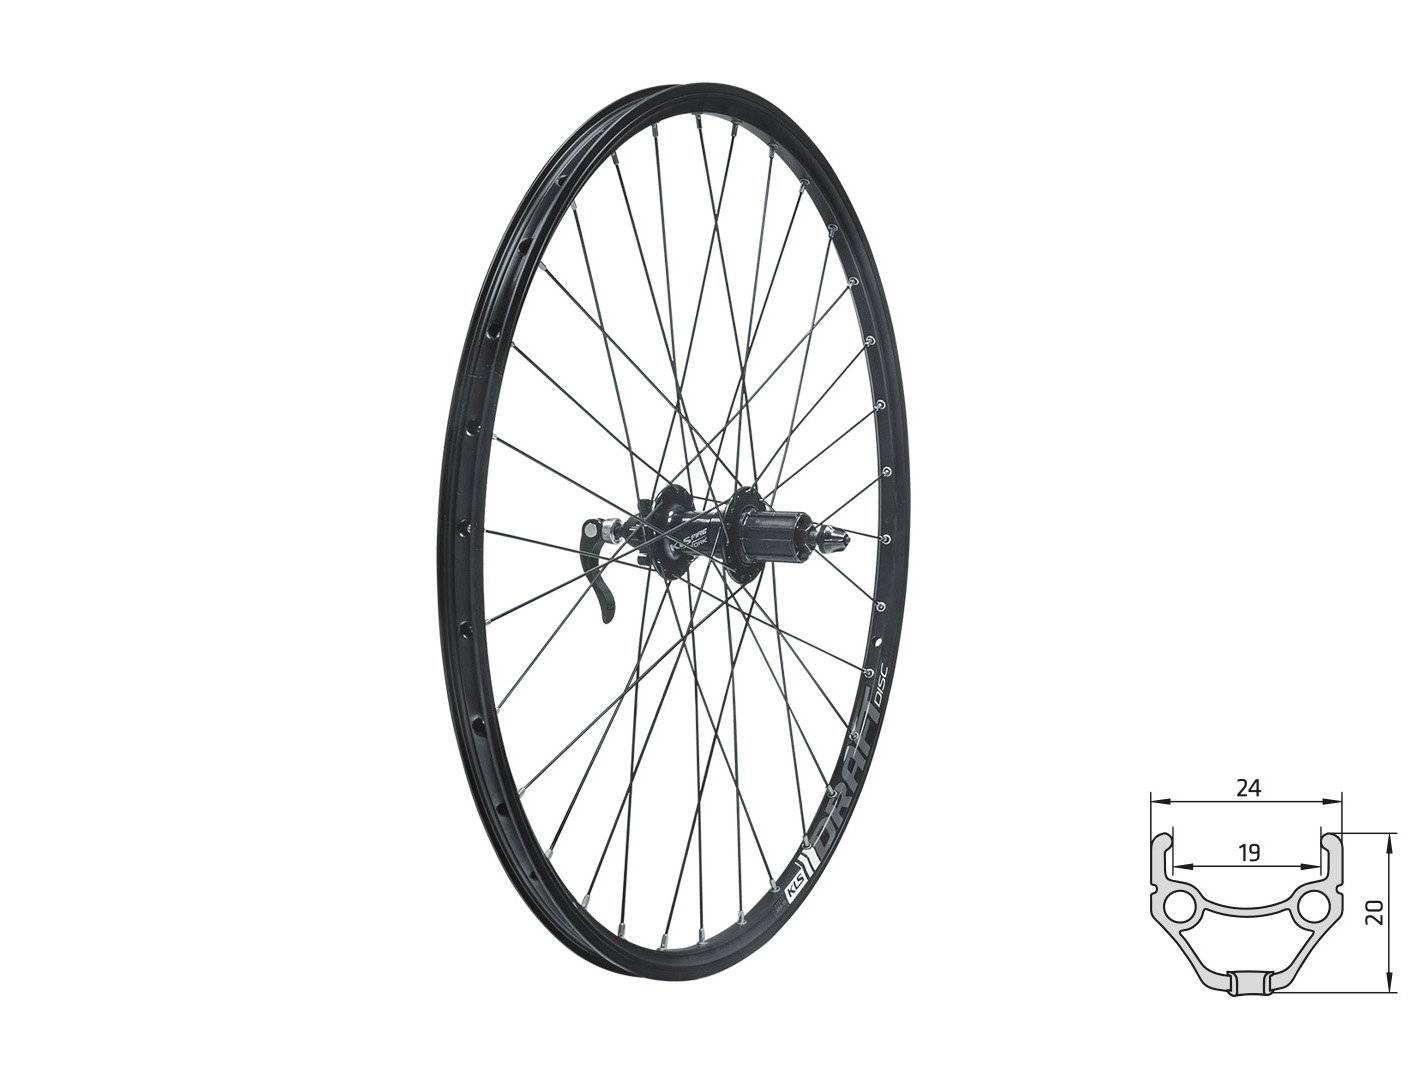 Колесо велосипедное заднее KELLYS KLS DRAFT DSC, 28/29, двойной обод 32Н, 8-10 скоростей, с эксцентриком, черное